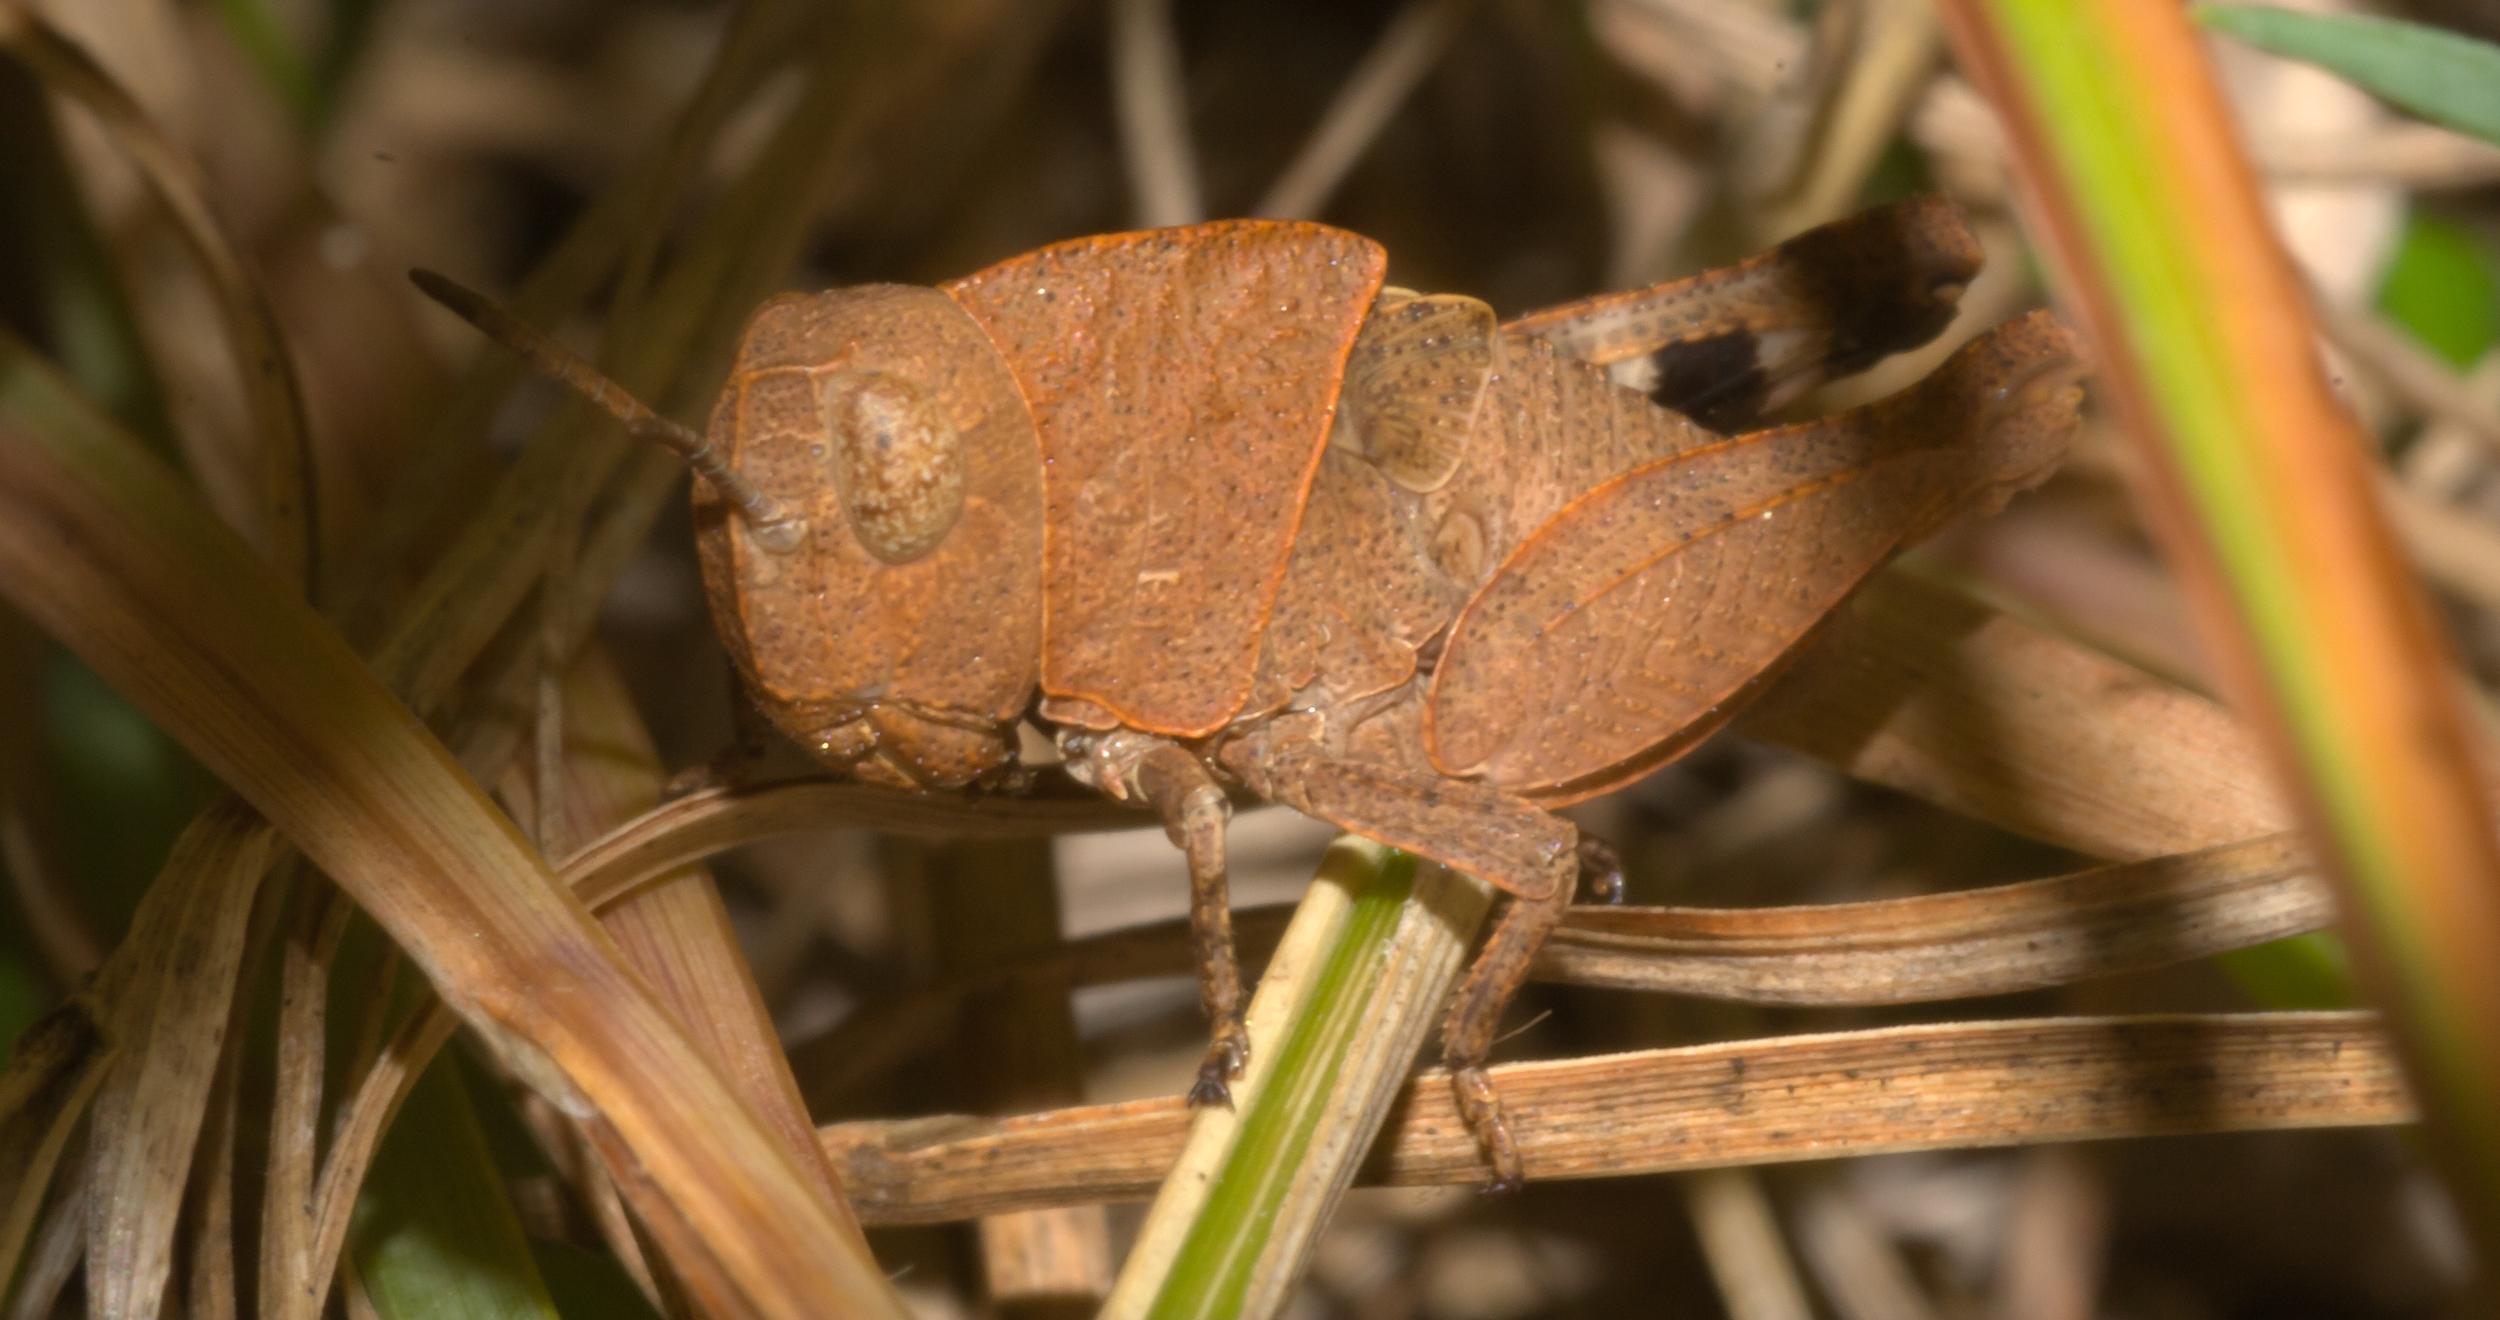 Autumn Yellow-winged Grasshopper - Species: Arphia xanthoptera